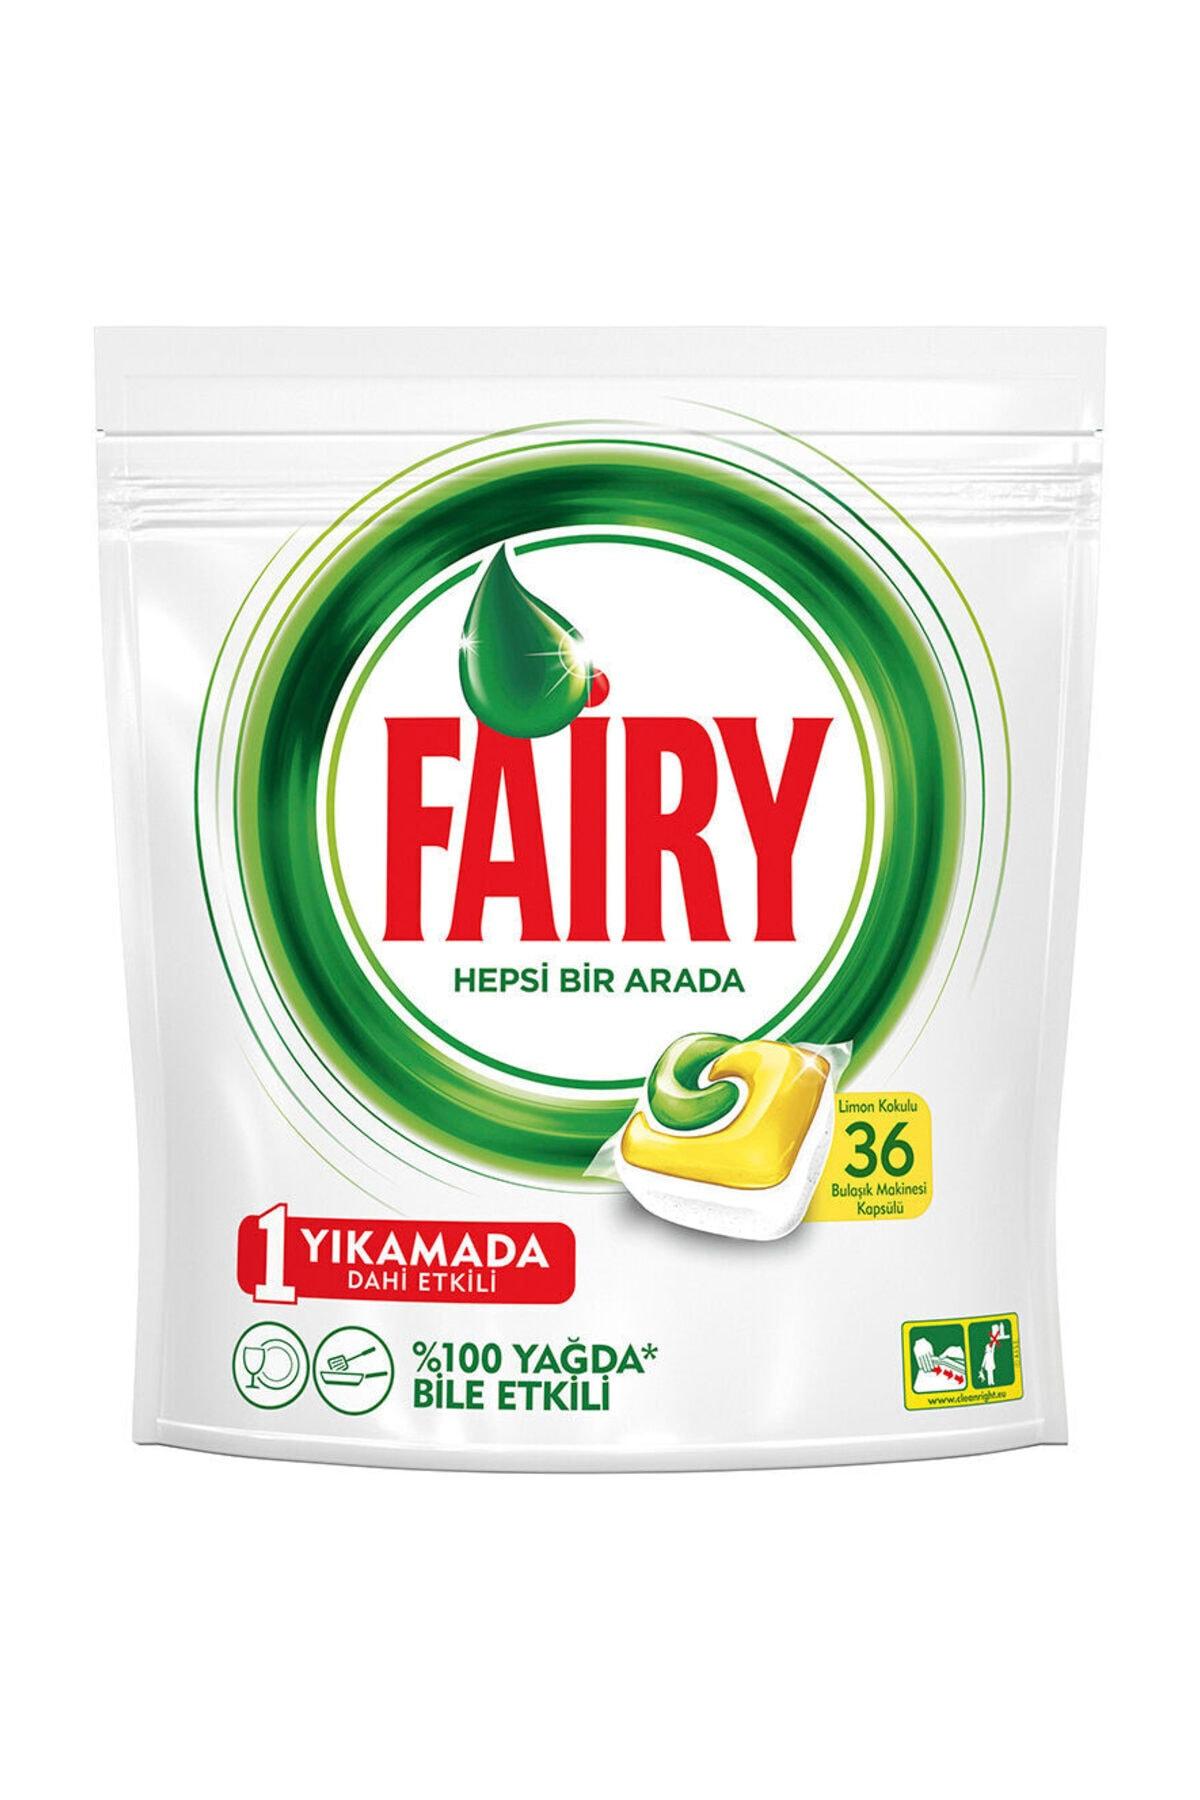 Fairy Hepsi Bir Arada 36 Yıkama Bulaşık Makinesi Deterjanı Kapsülü Limon Kokulu 2